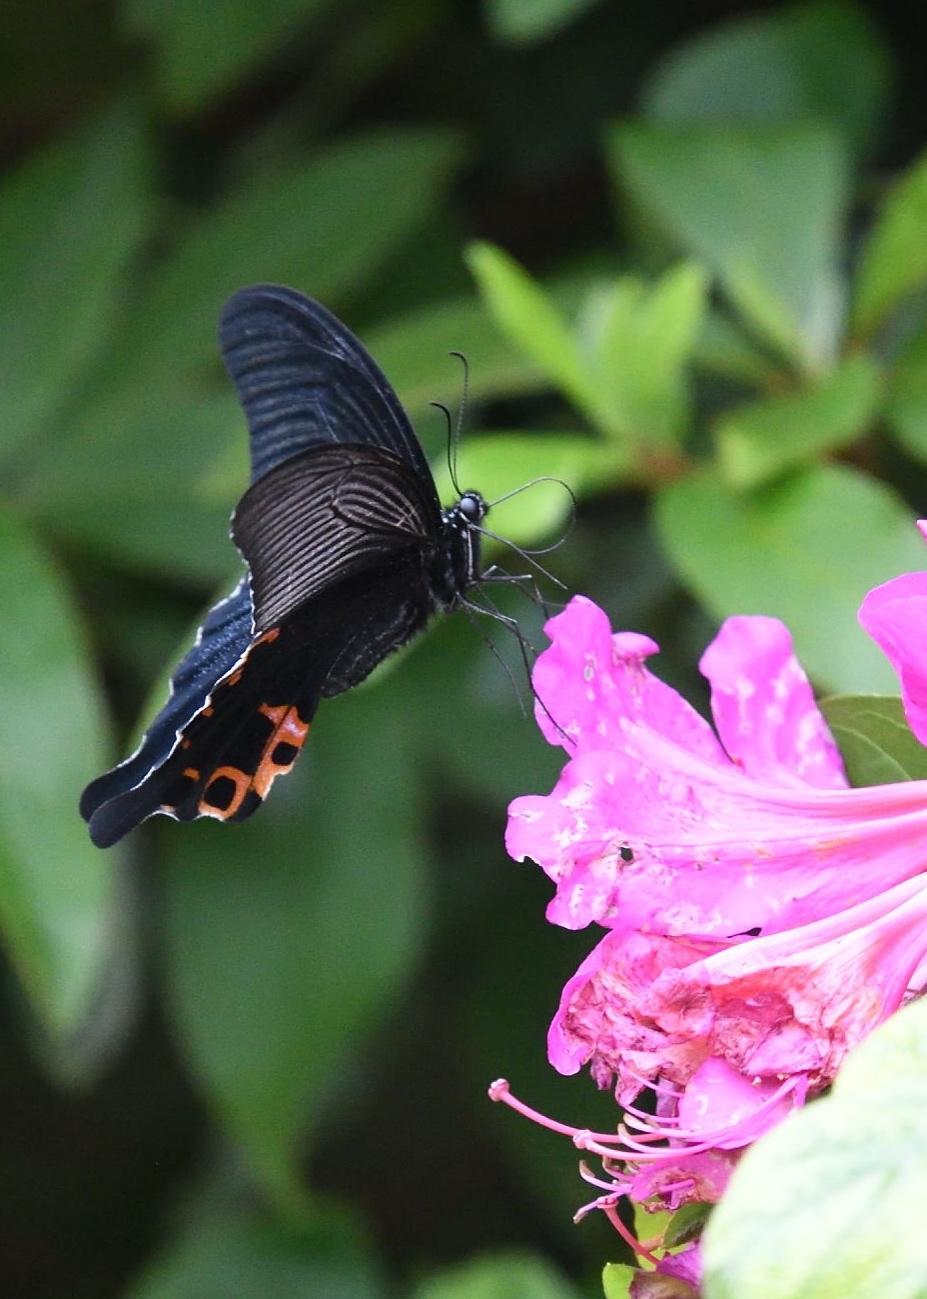 アゲハチョウ科4種の飛翔  in屋久島_d0285540_21155095.jpg